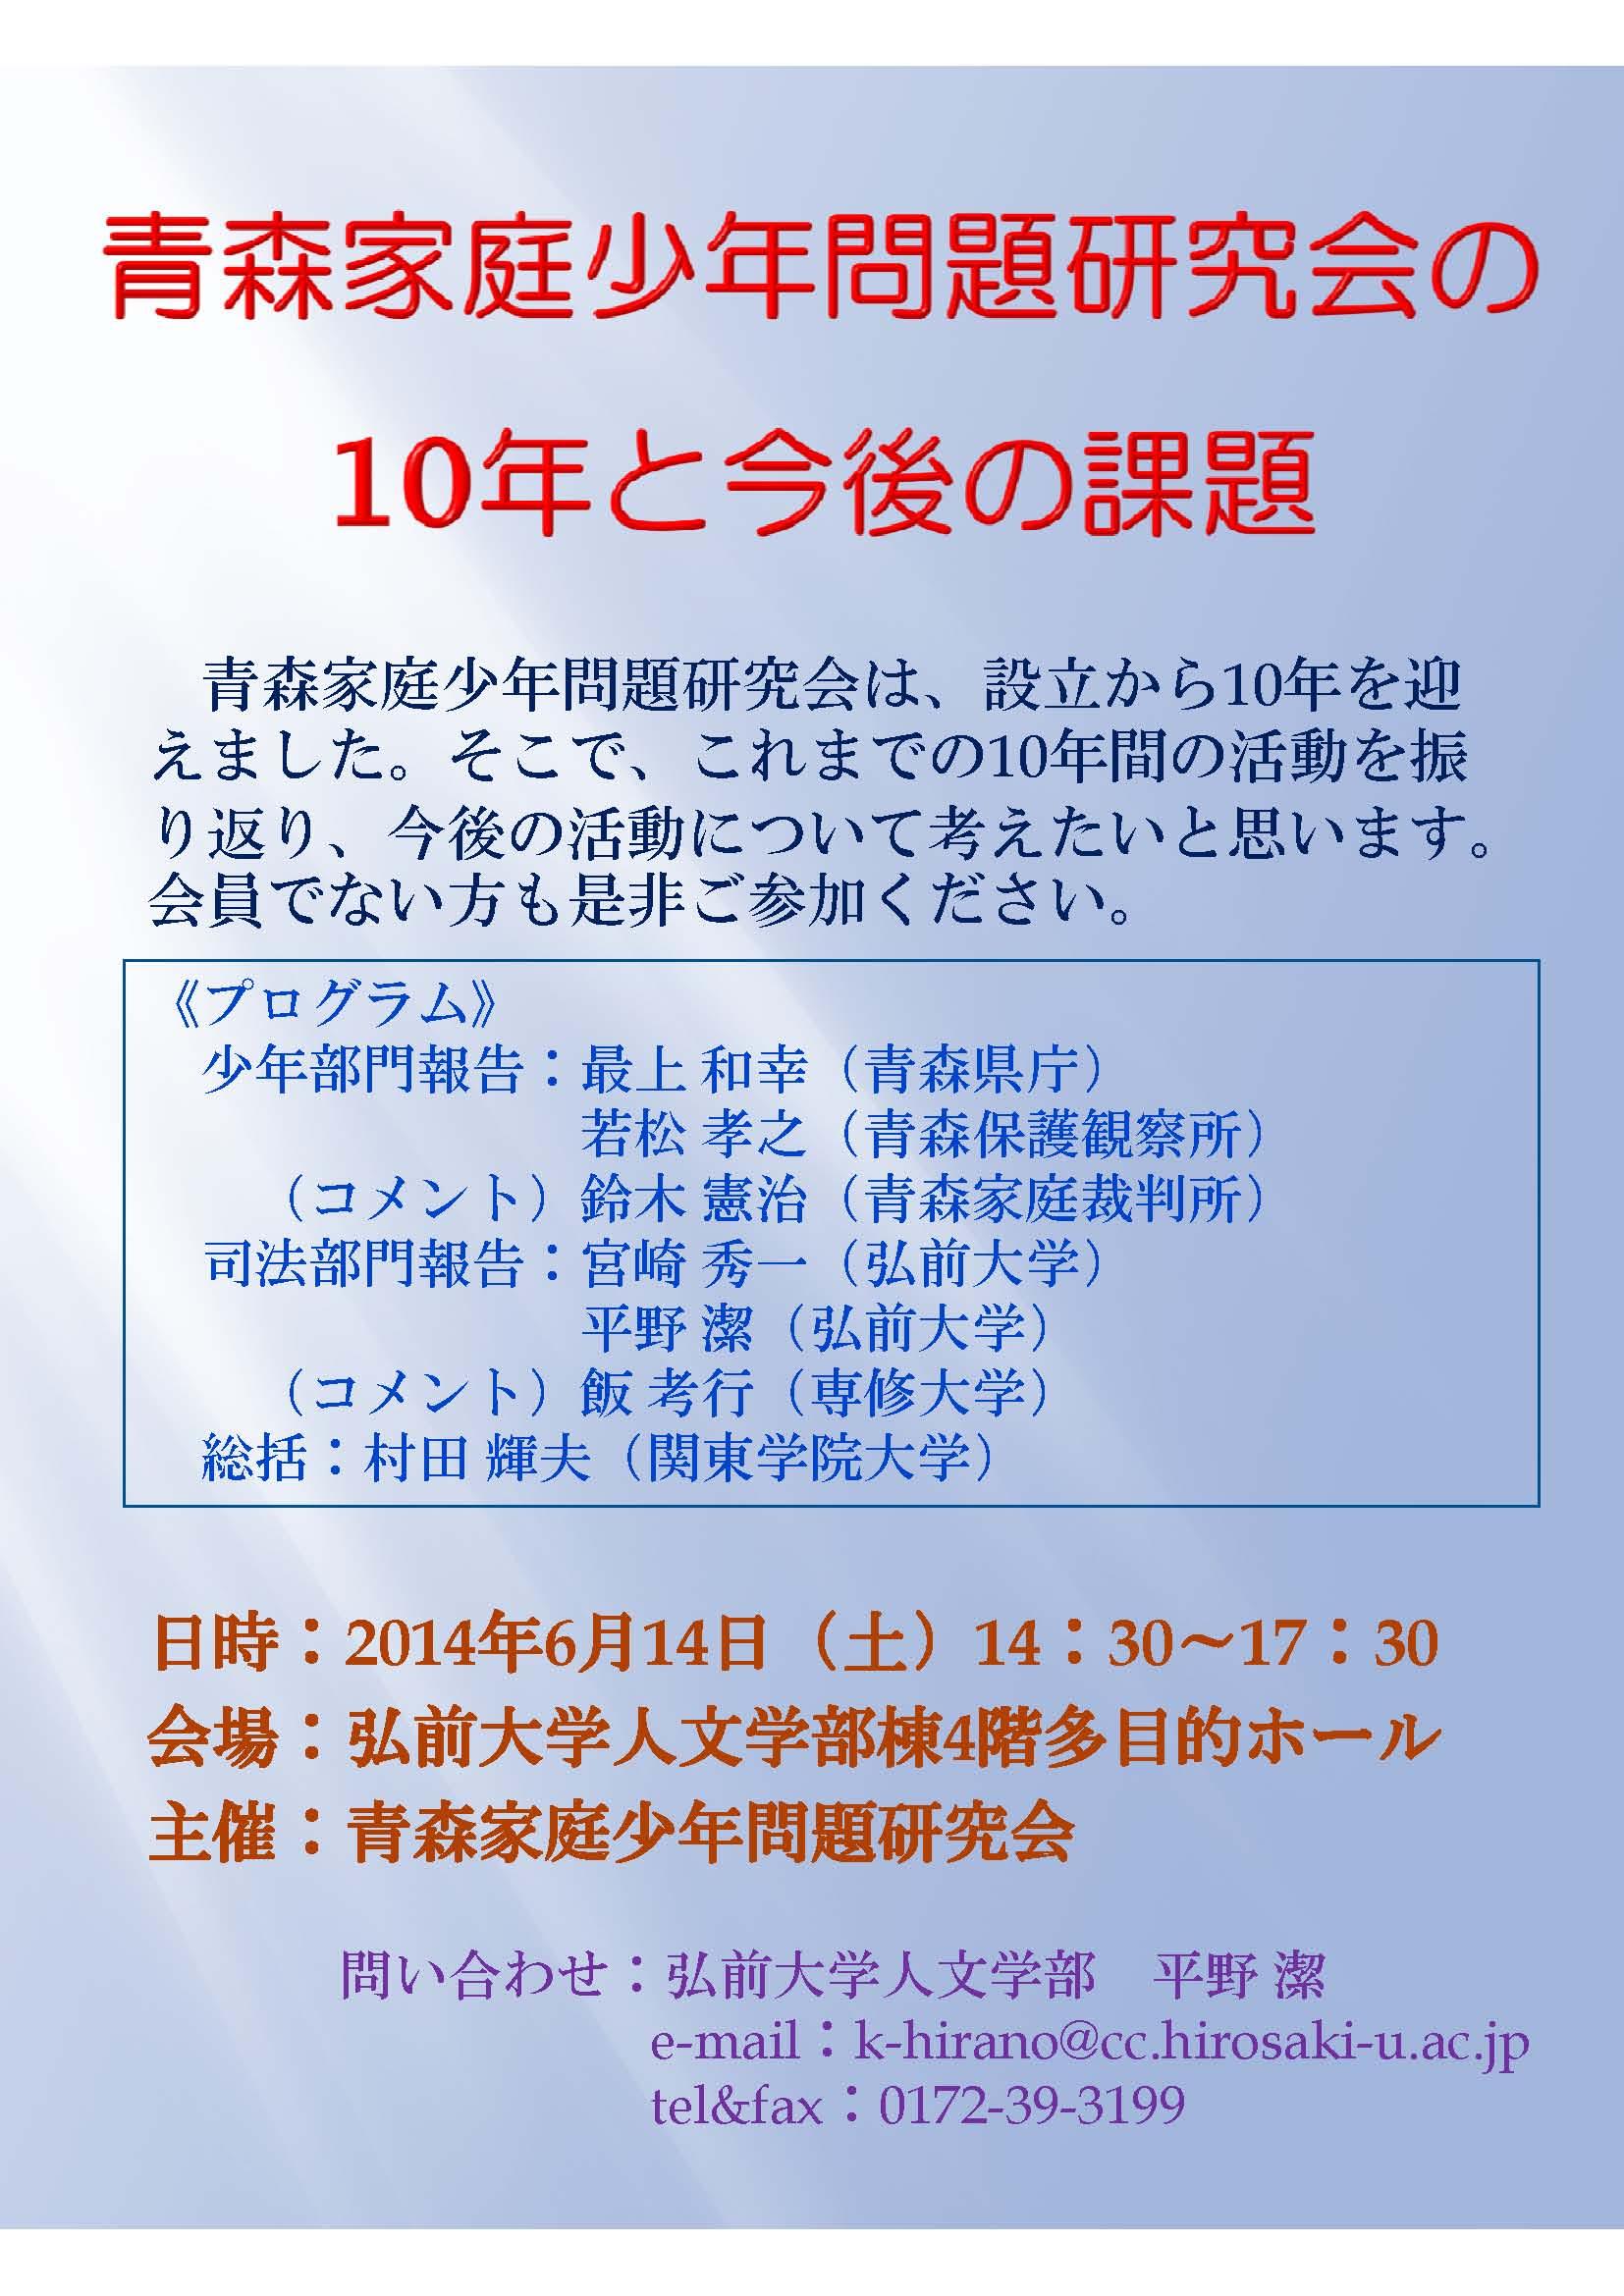 青森家庭少年問題研究会2014年度第1回学習会チラシ